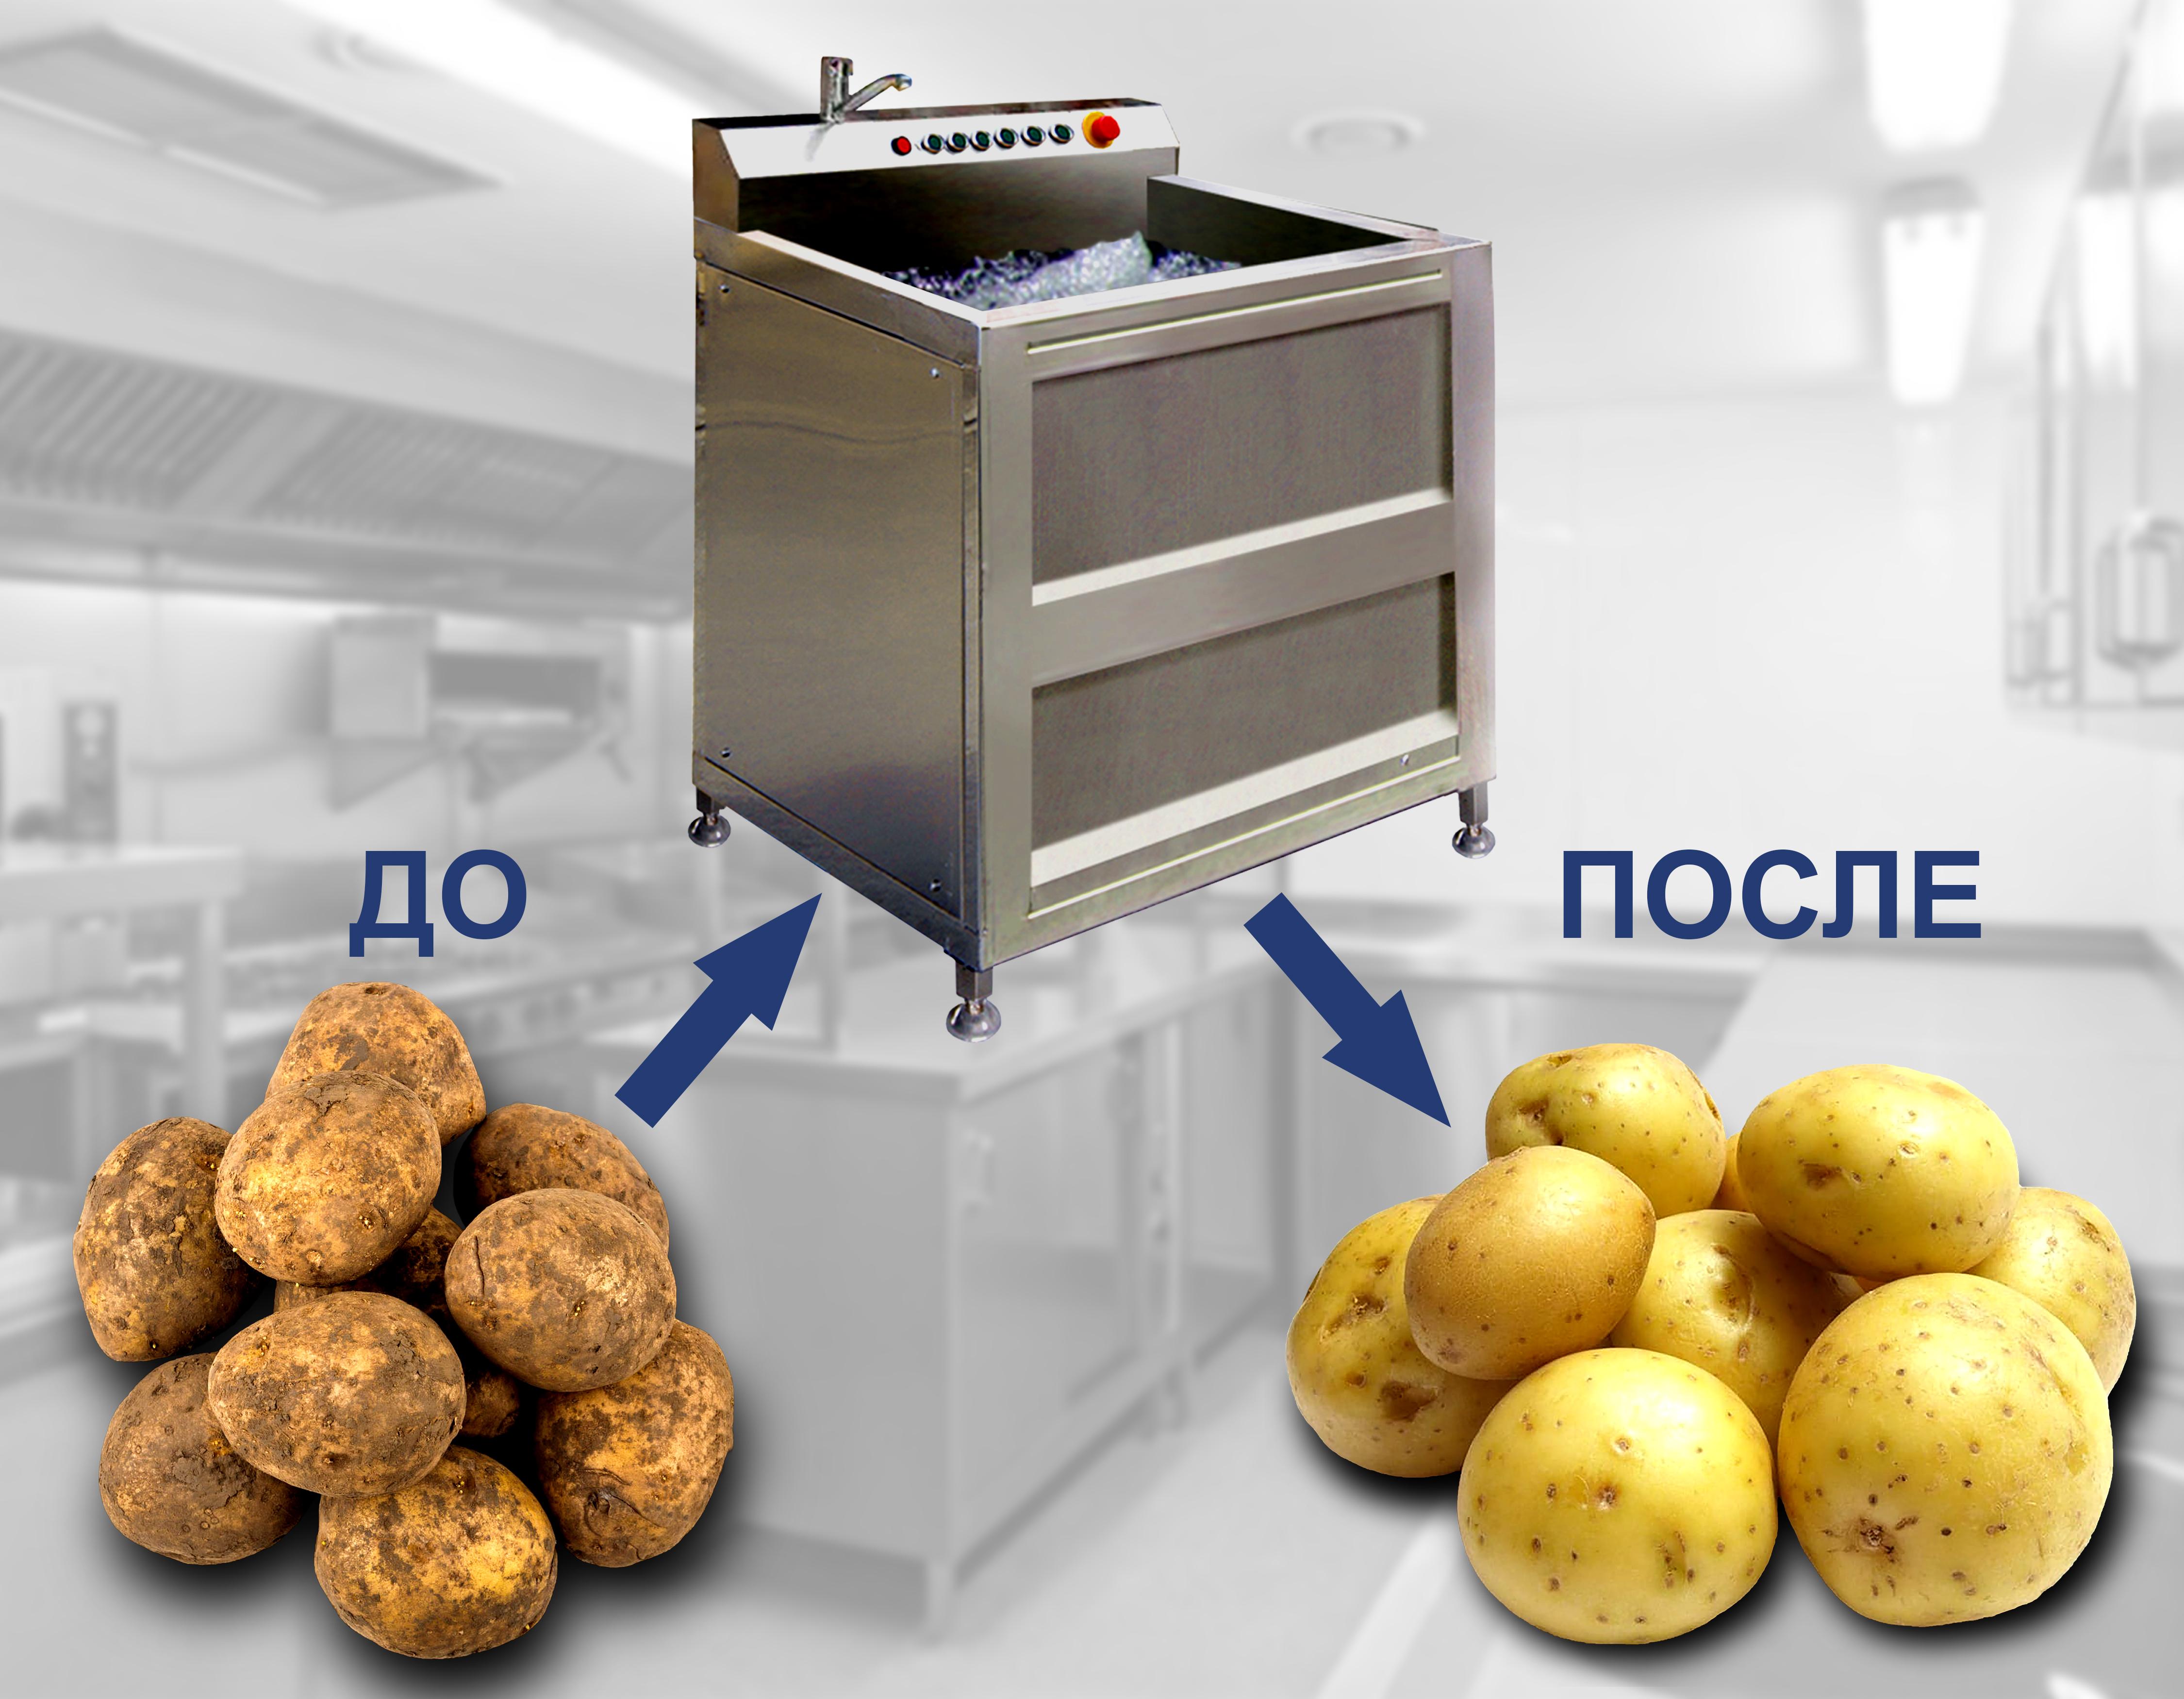 Автоматическая моечная машина для овощей и фруктов